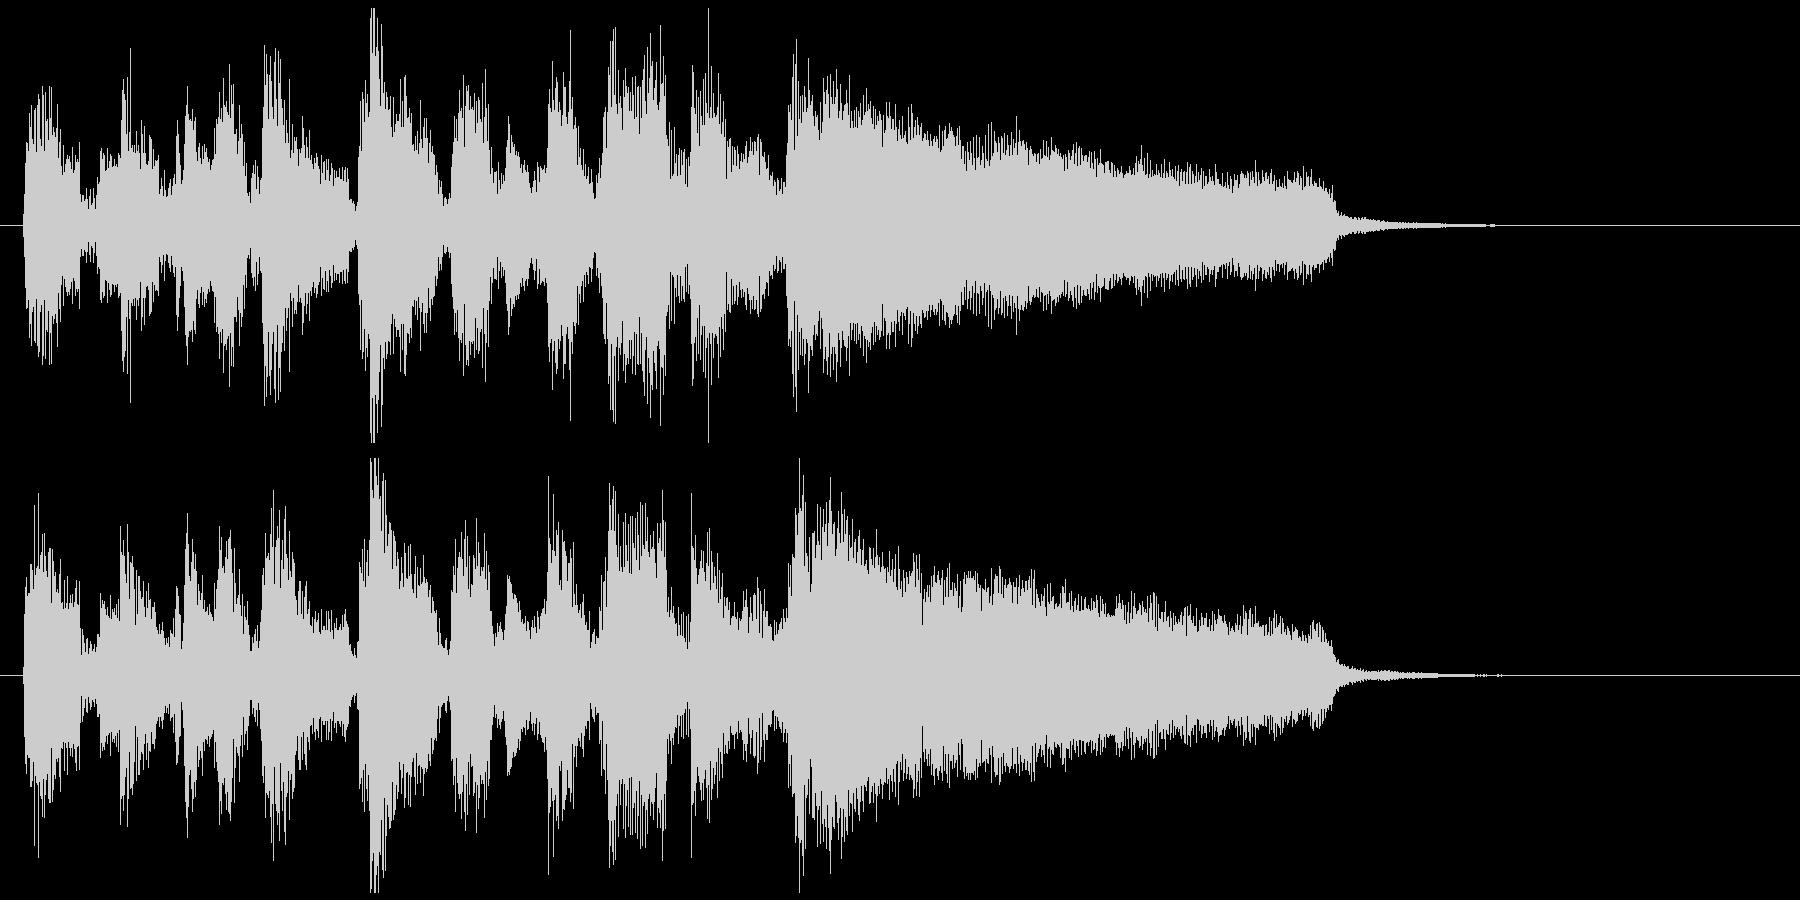 ボサノバ、お洒落な場面転換系アイキャッチの未再生の波形